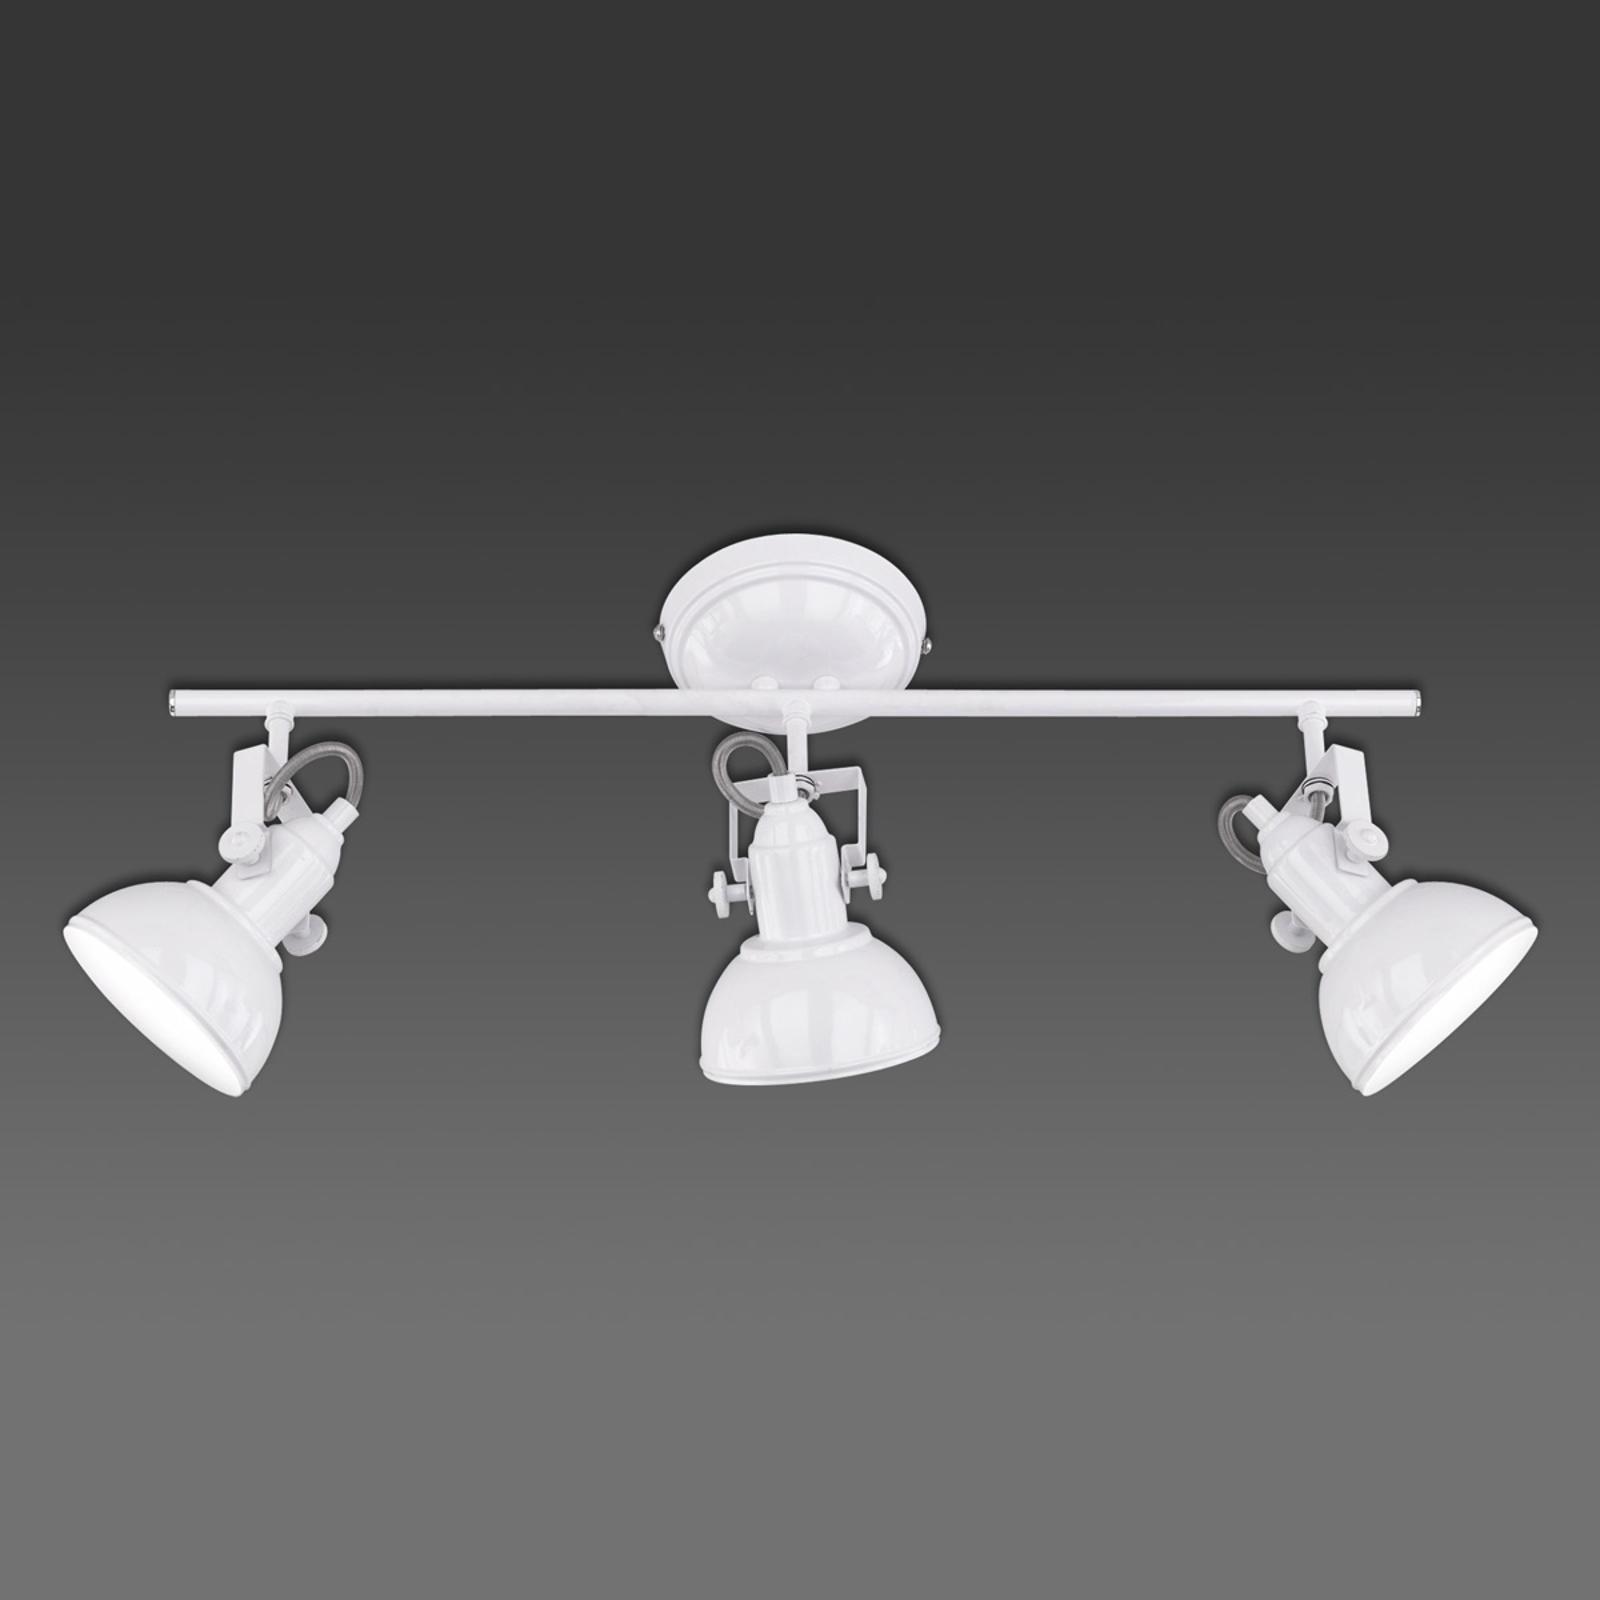 3-pkt. lampa sufitowa GINA w stylu industrialnym